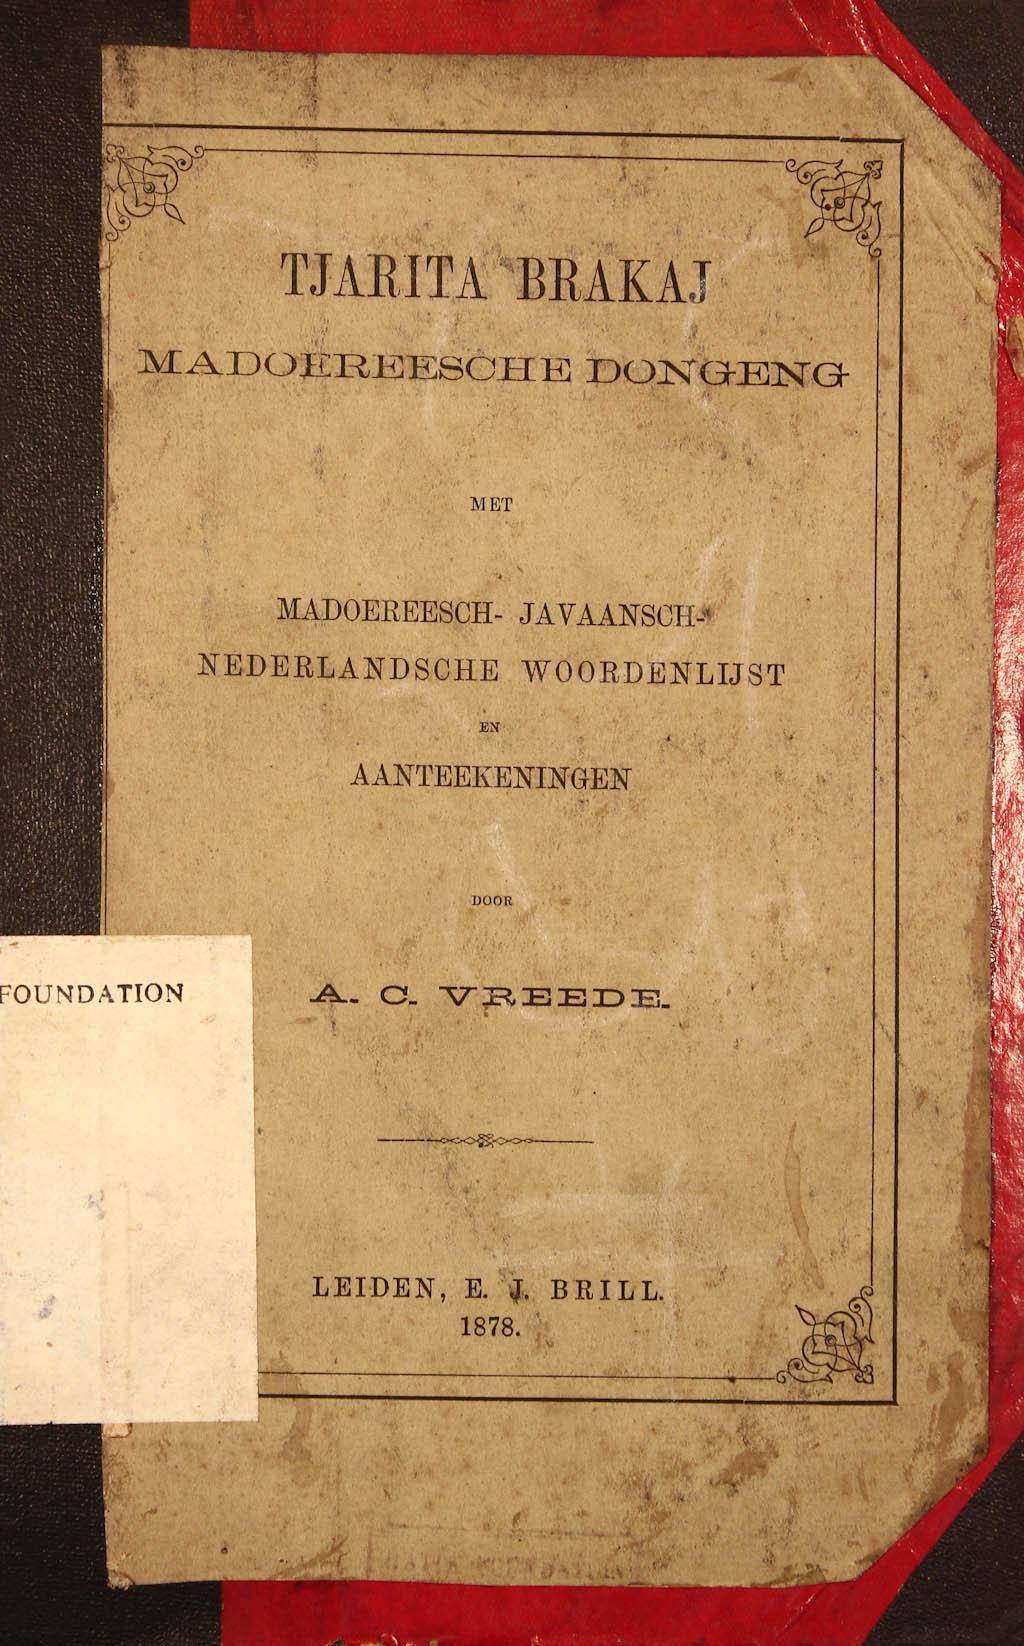 Tjarita brakaj, Madoereesche dongeng met Madoereesch-Javaansch-Nederlandsche woordenlijst en aanteekeningen